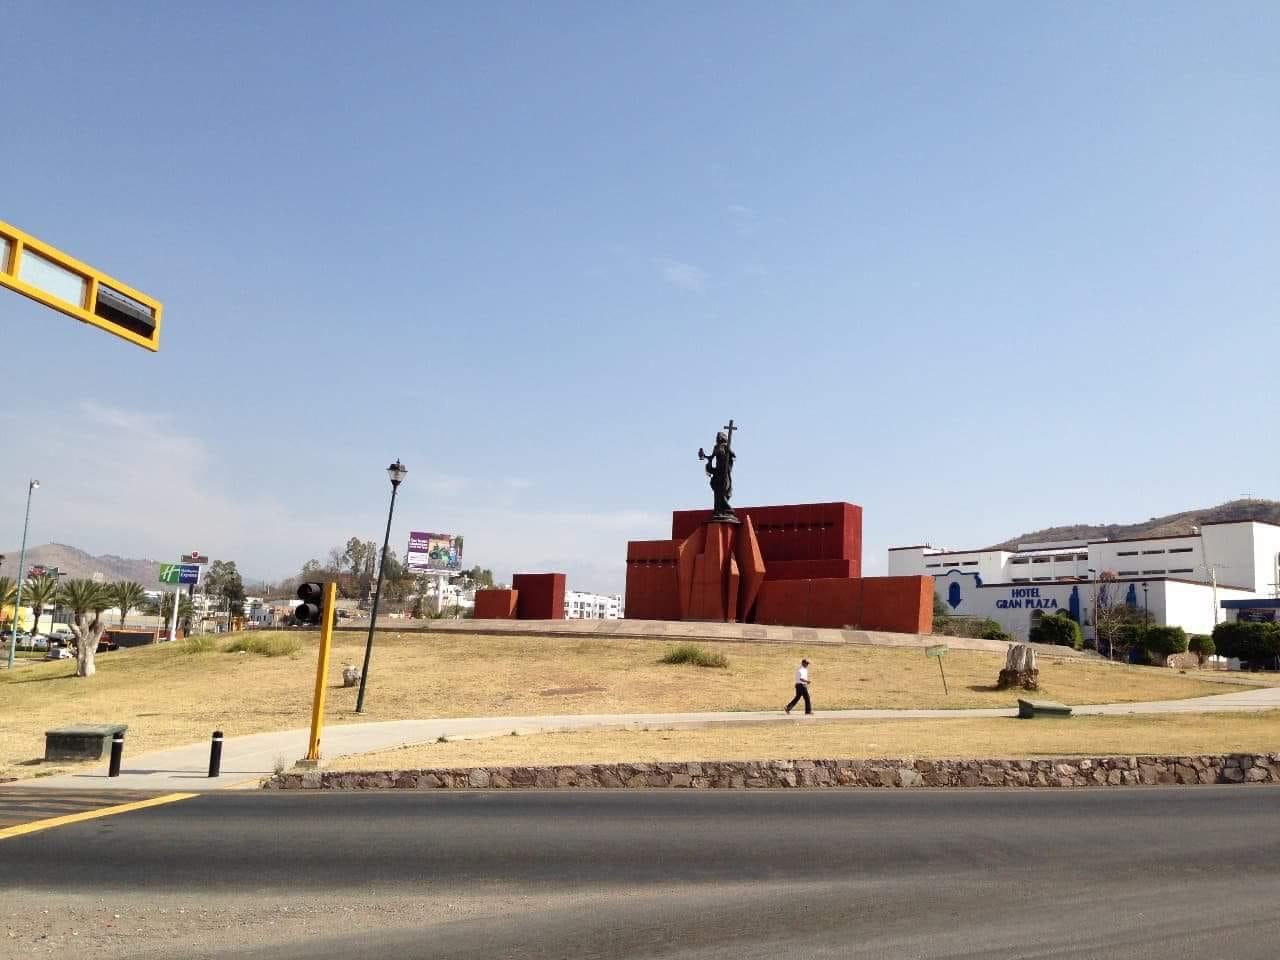 Asignan A Vise Obra De Entronque En Glorieta Santa Fe El Otro Enfoque Noticias Guanajuato